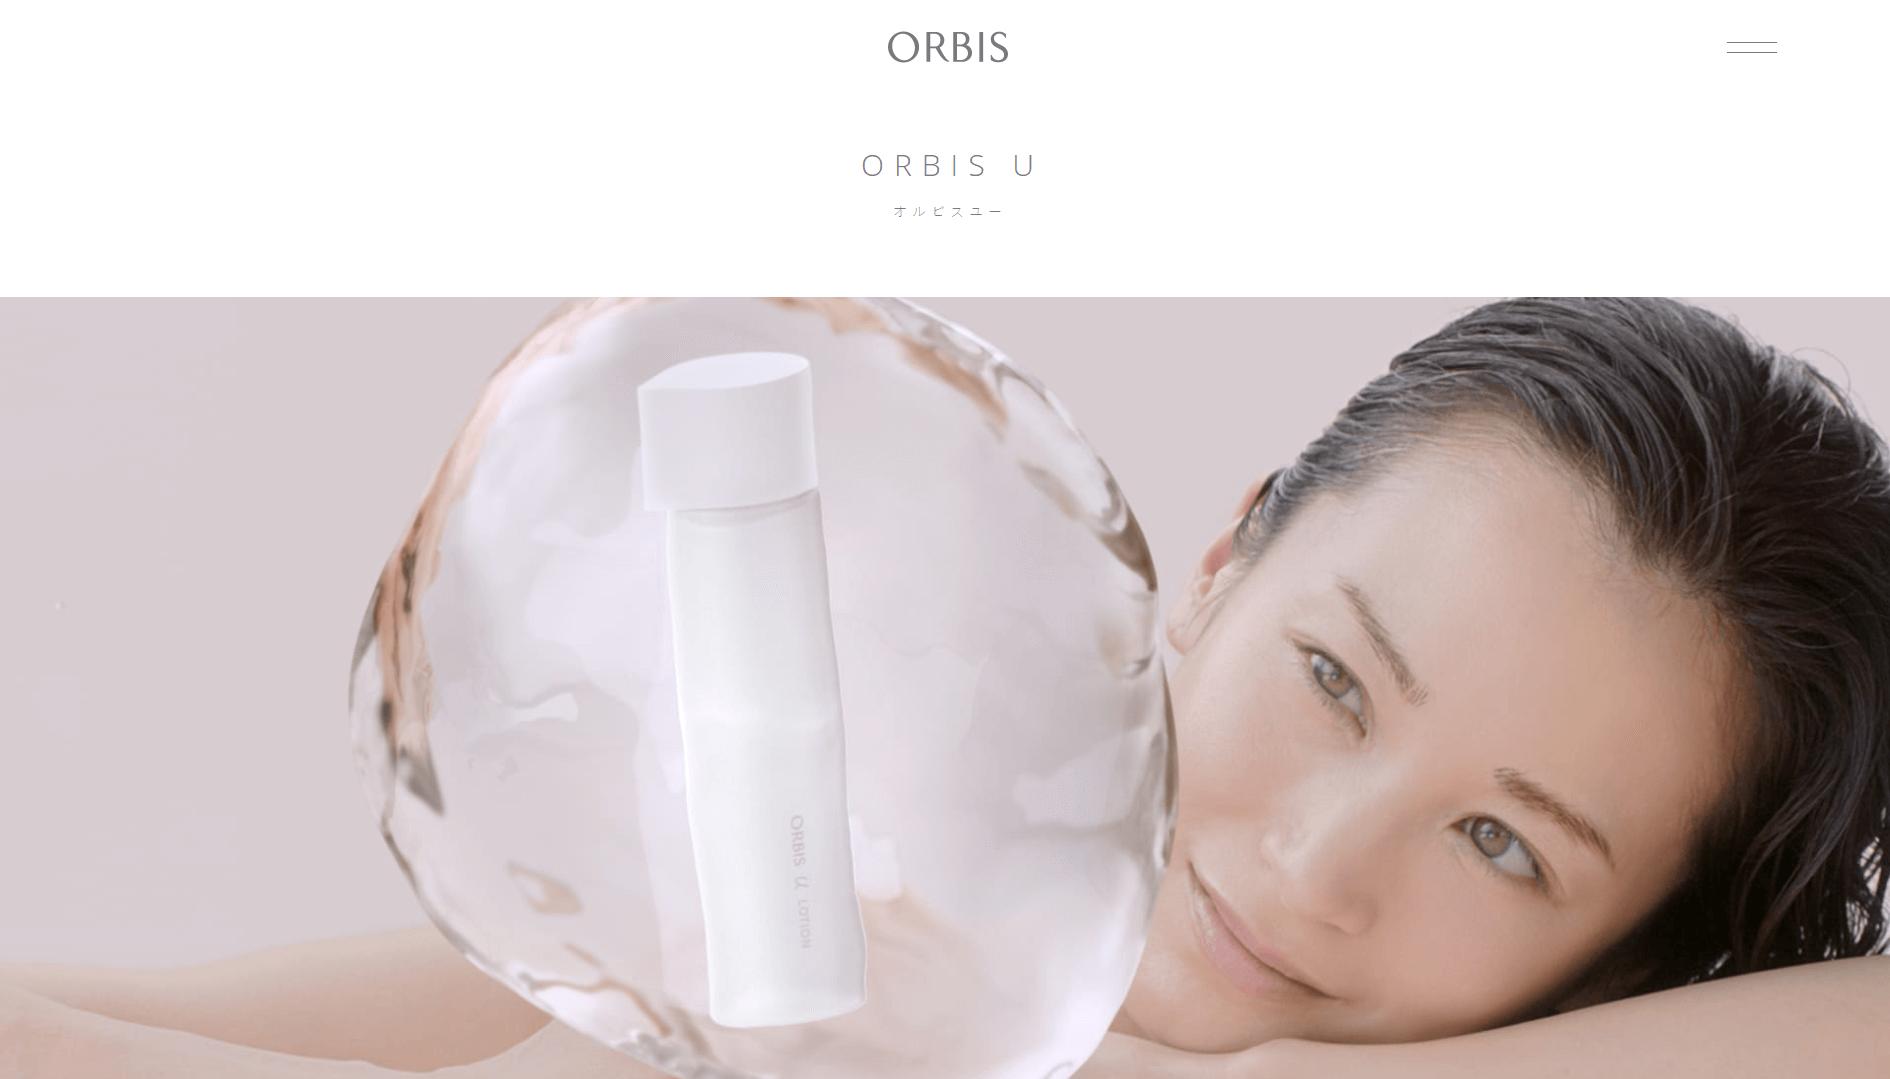 ORBIS U(オルビス ユー)ブランドサイト